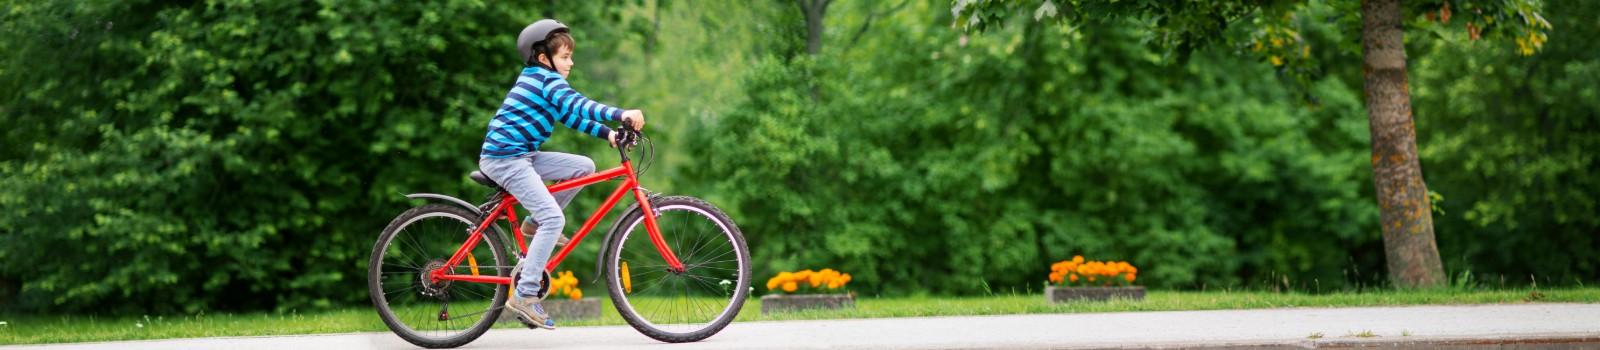 markowe rowery dla dziecka allegro